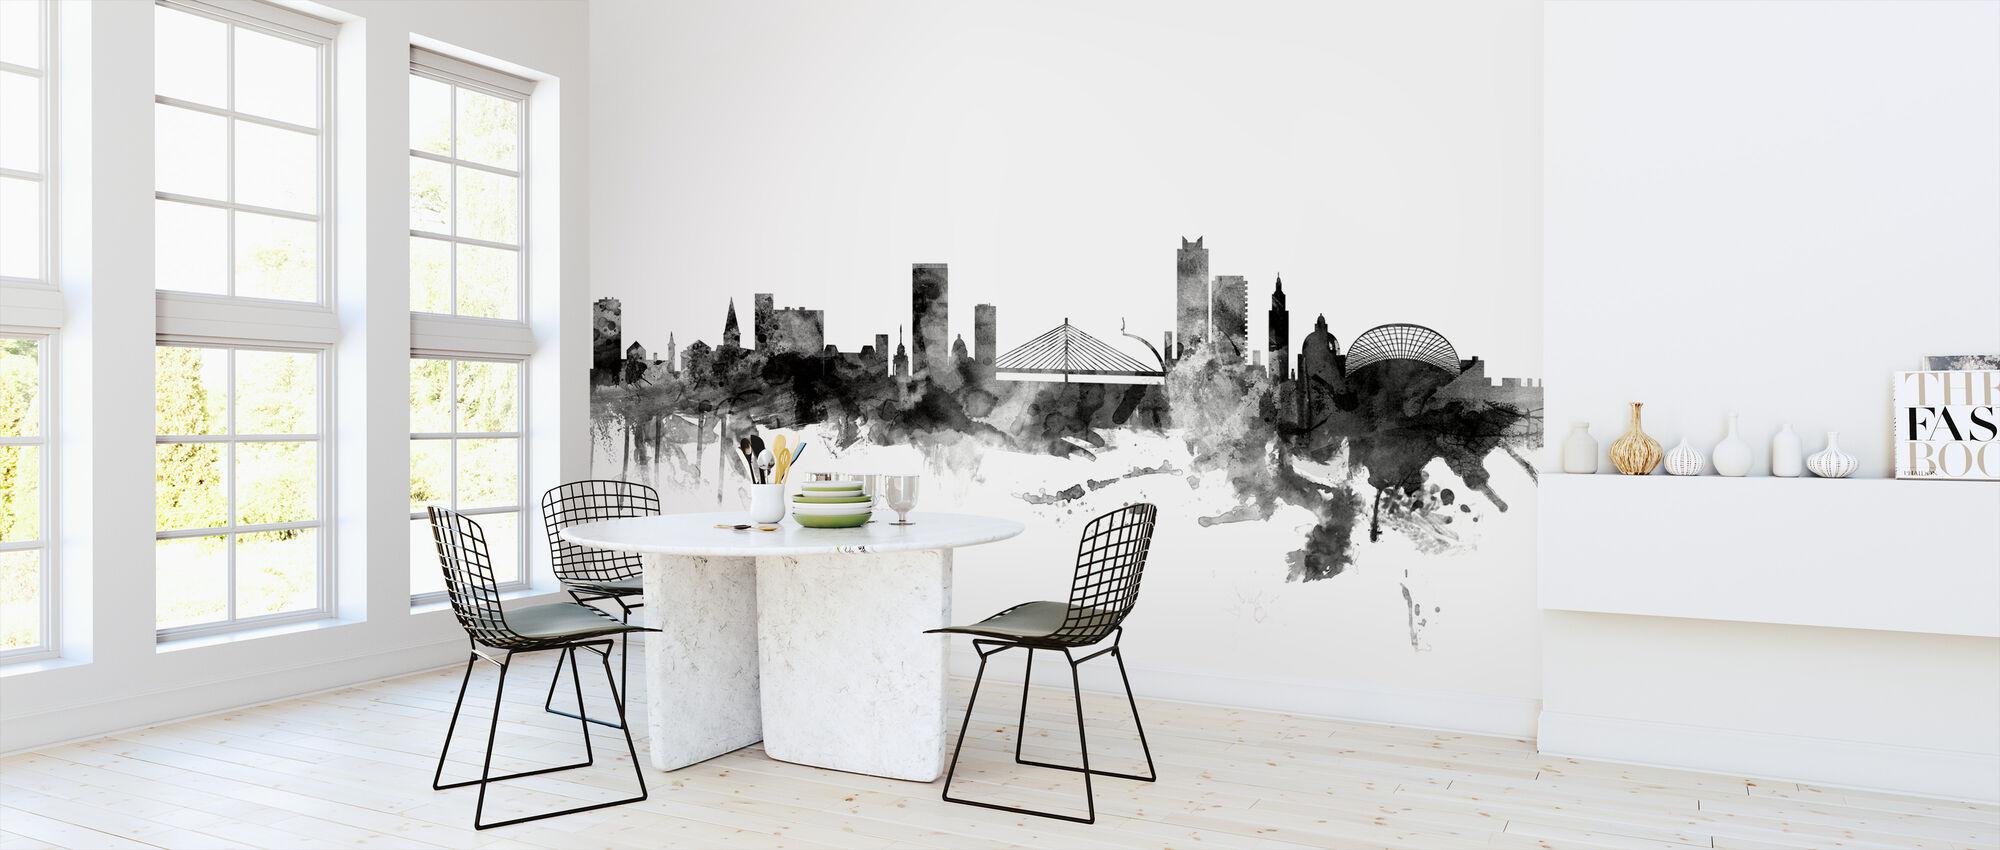 Liege Belgium Skyline Black - Wallpaper - Kitchen